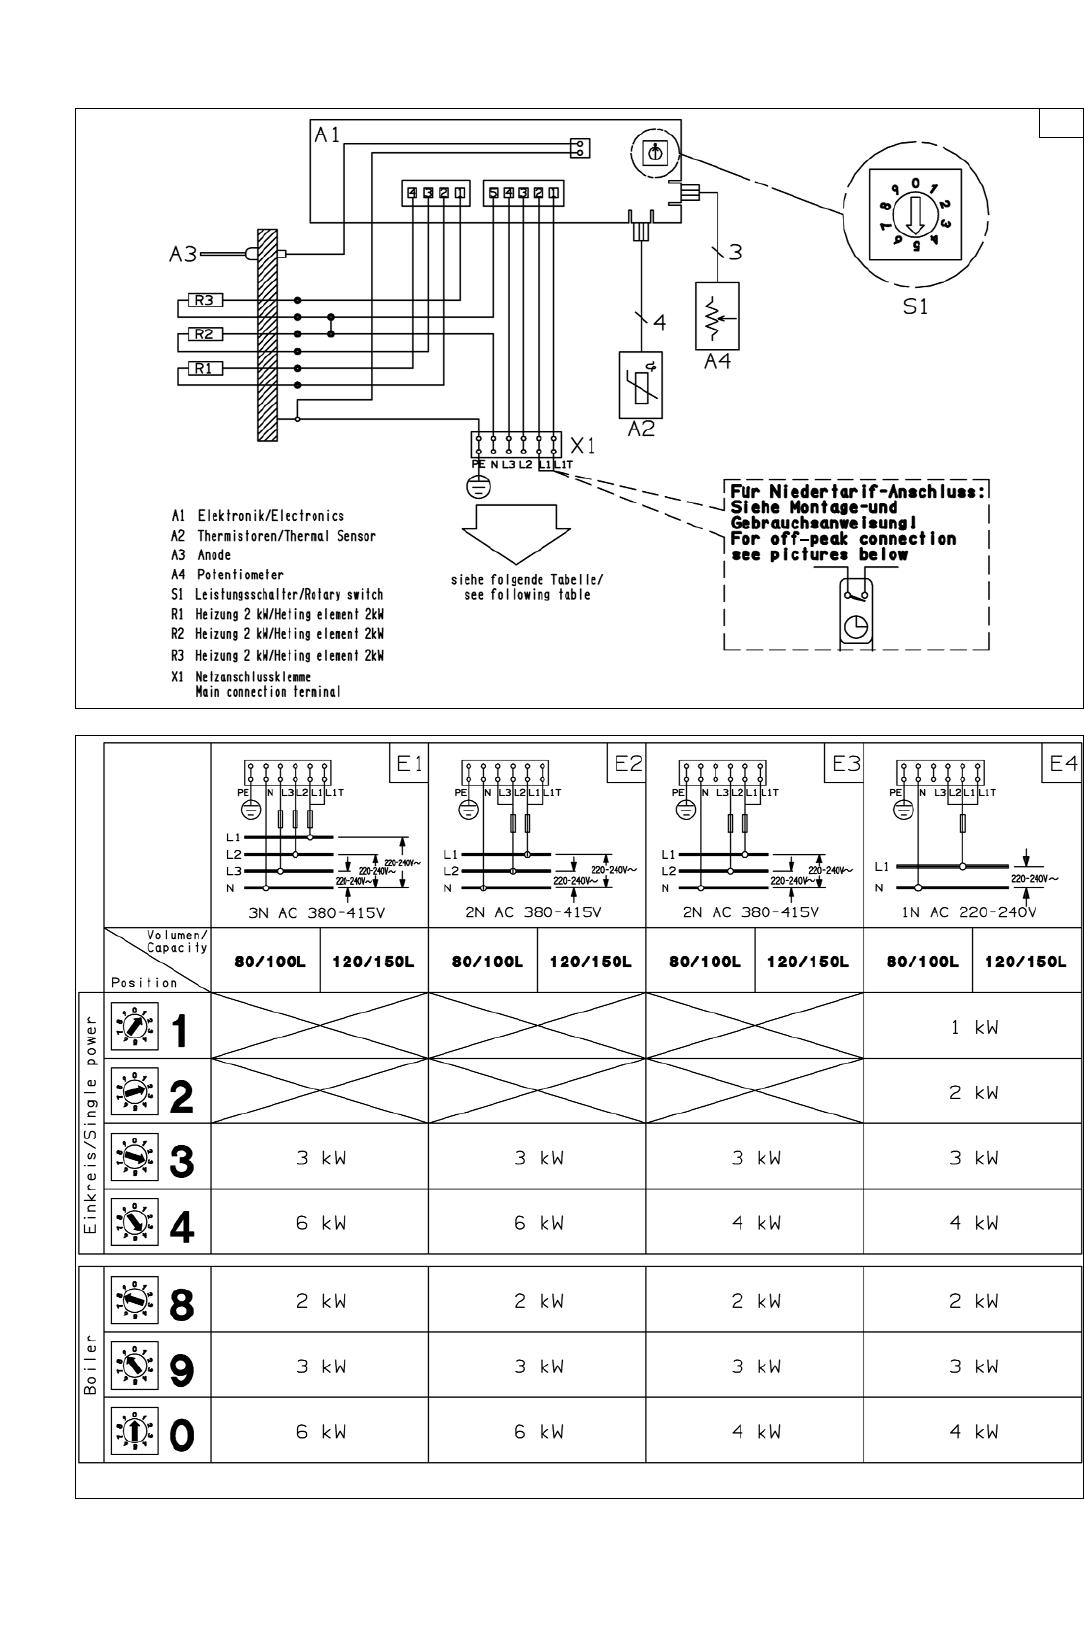 Bedienungsanleitung Siemens DG15025 (Seite 8 von 32) (Deutsch, Englisch)